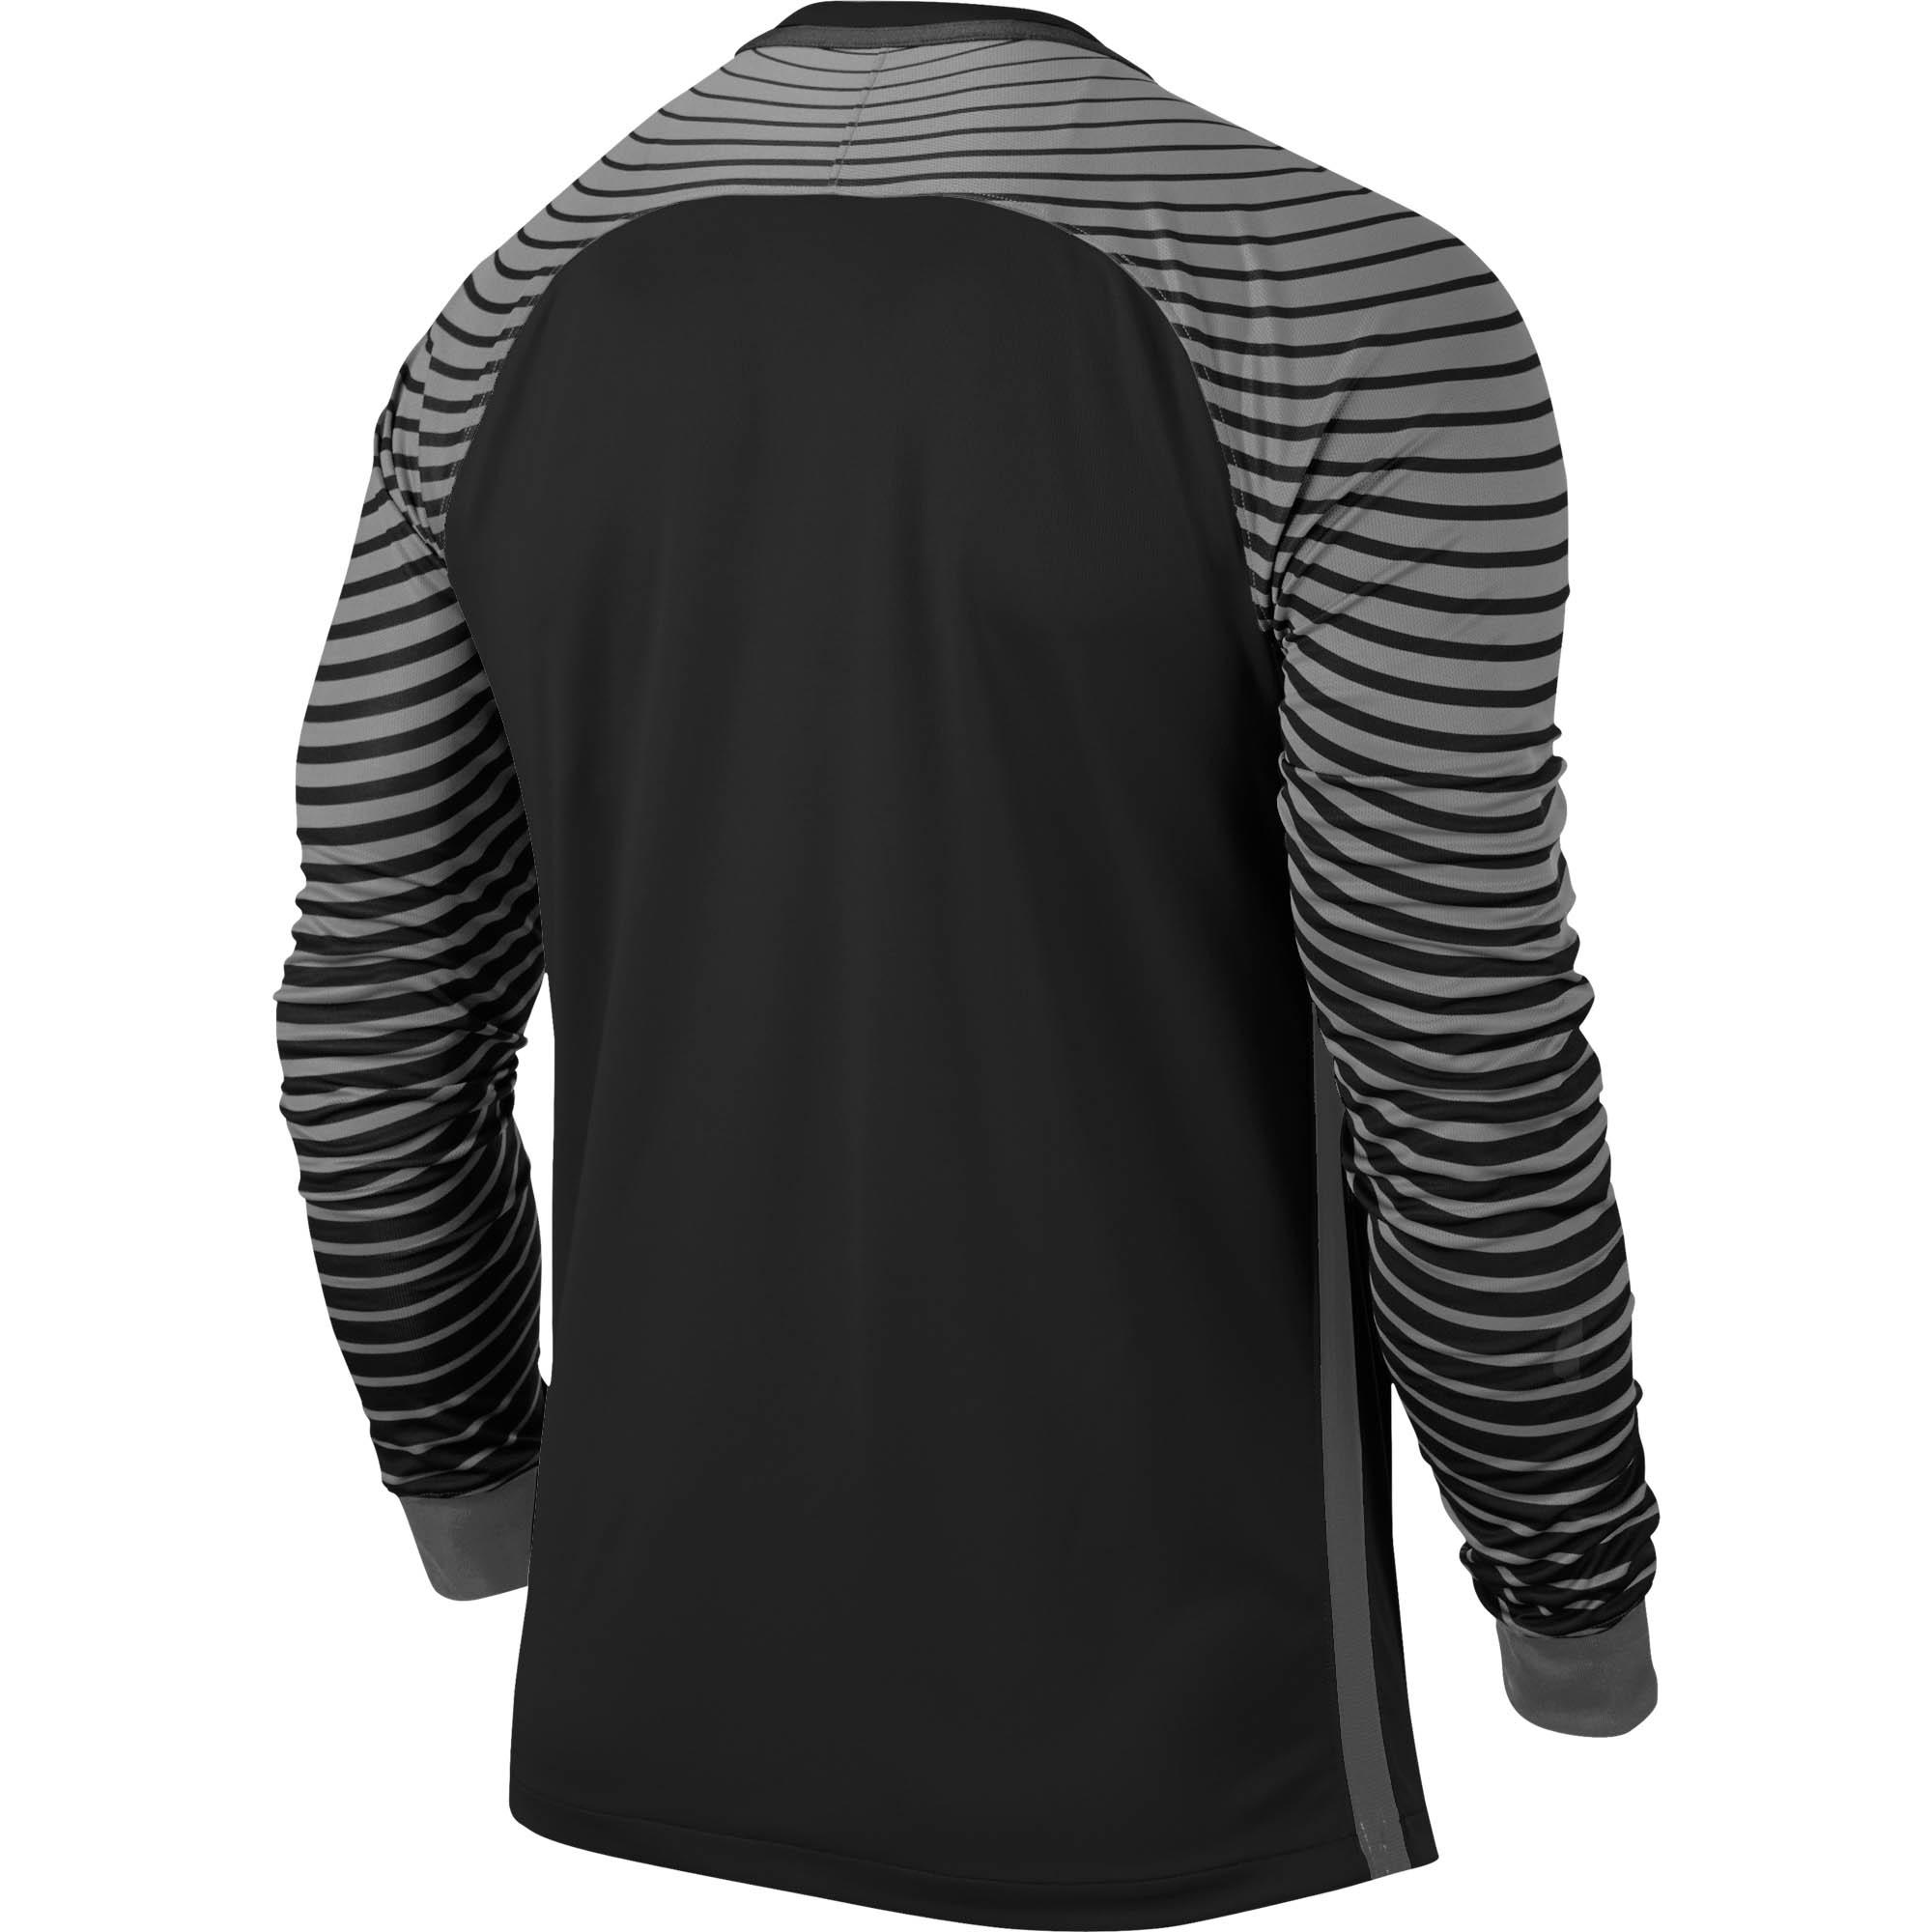 Nike Gardien Keeper Jersey - Black Goalie Jerseys ba2cfea40